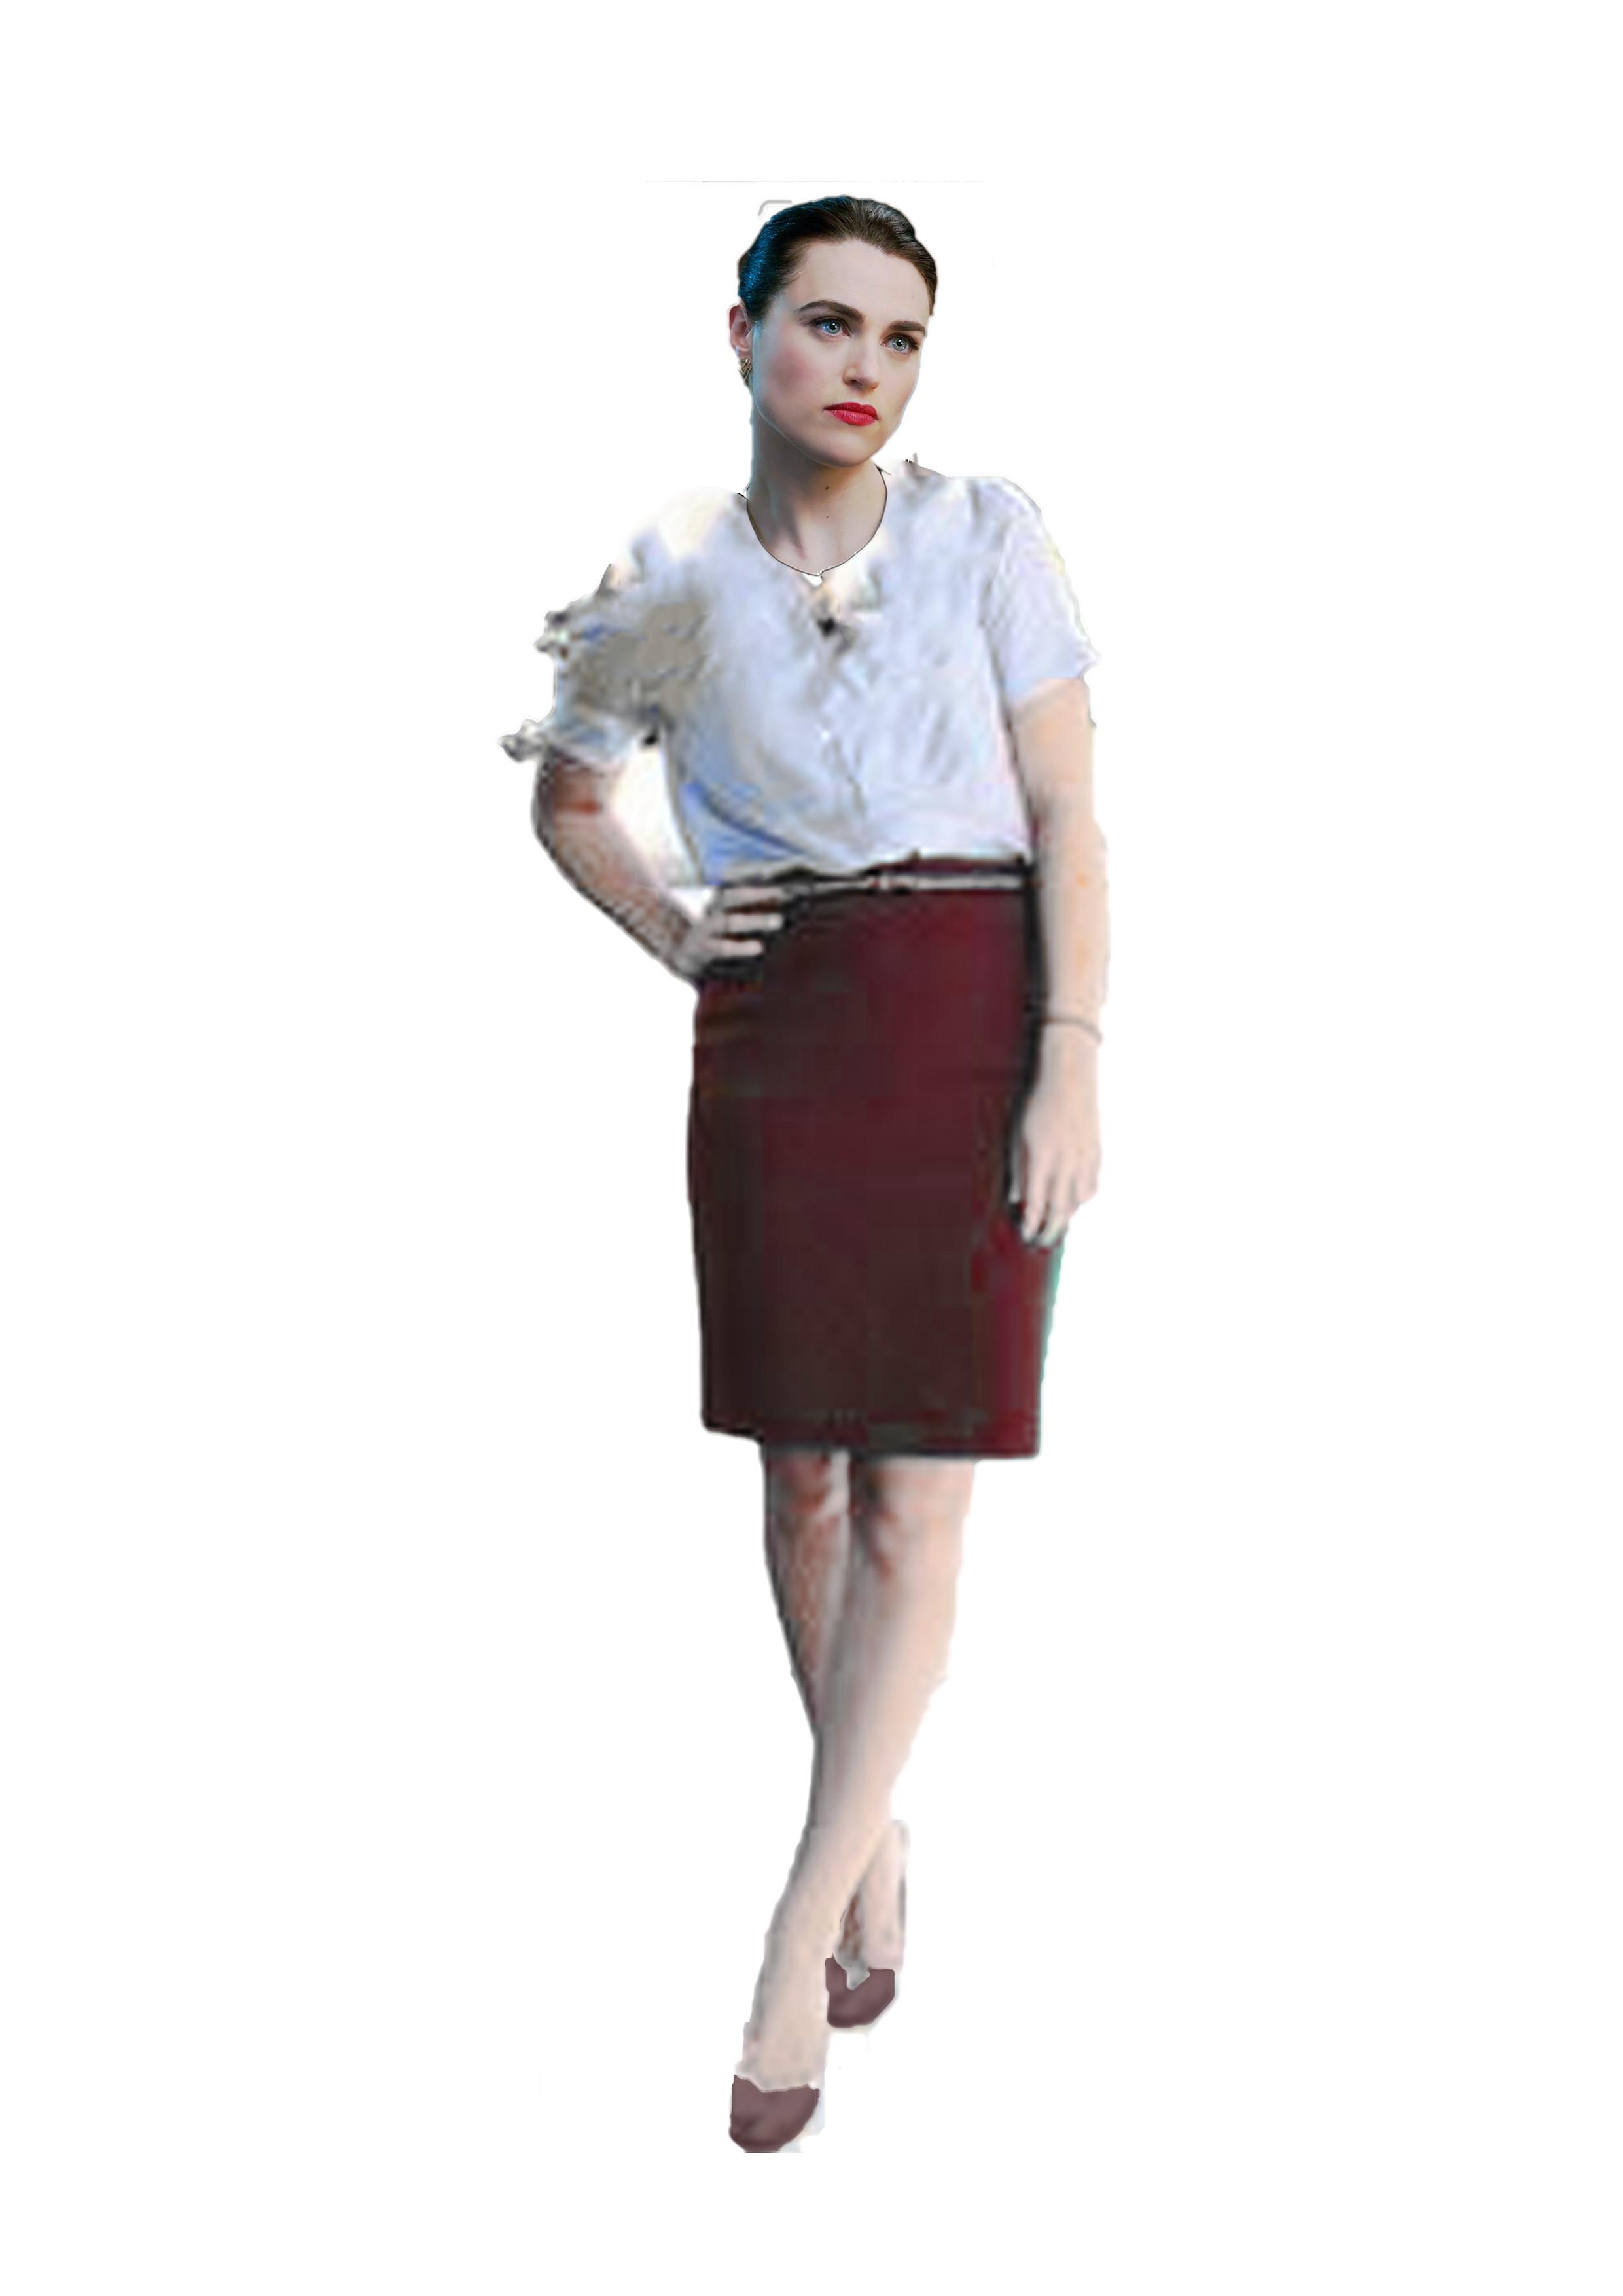 Cynthia1